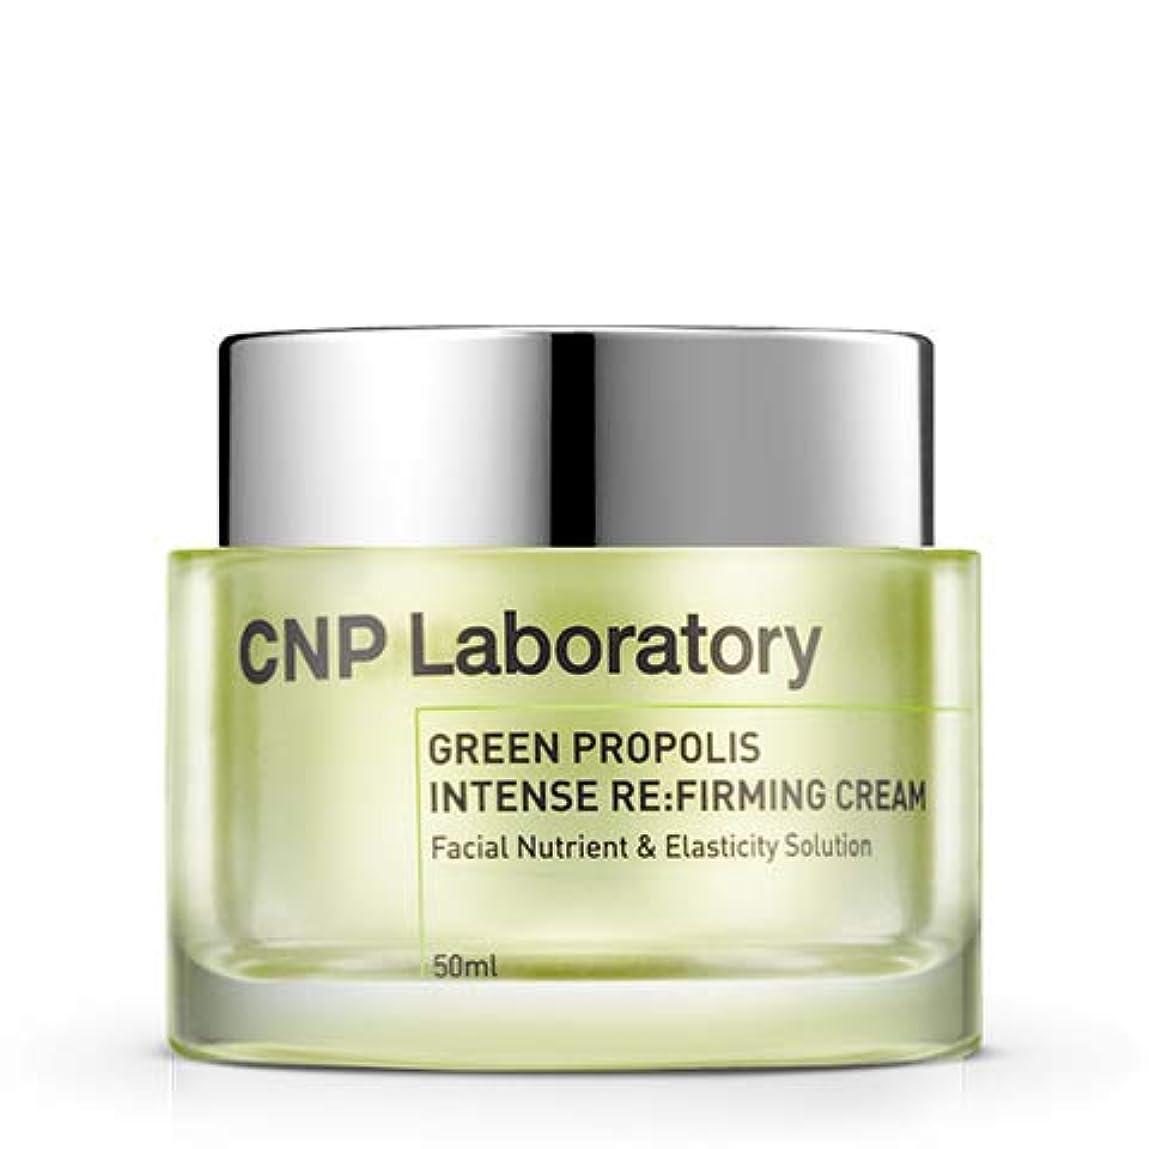 垂直似ている負荷CNP Laboratory グリーンプロポリスインテンス再:ファーミングクリーム/Green Propolis Intense Re:Firming Cream 50ml [並行輸入品]